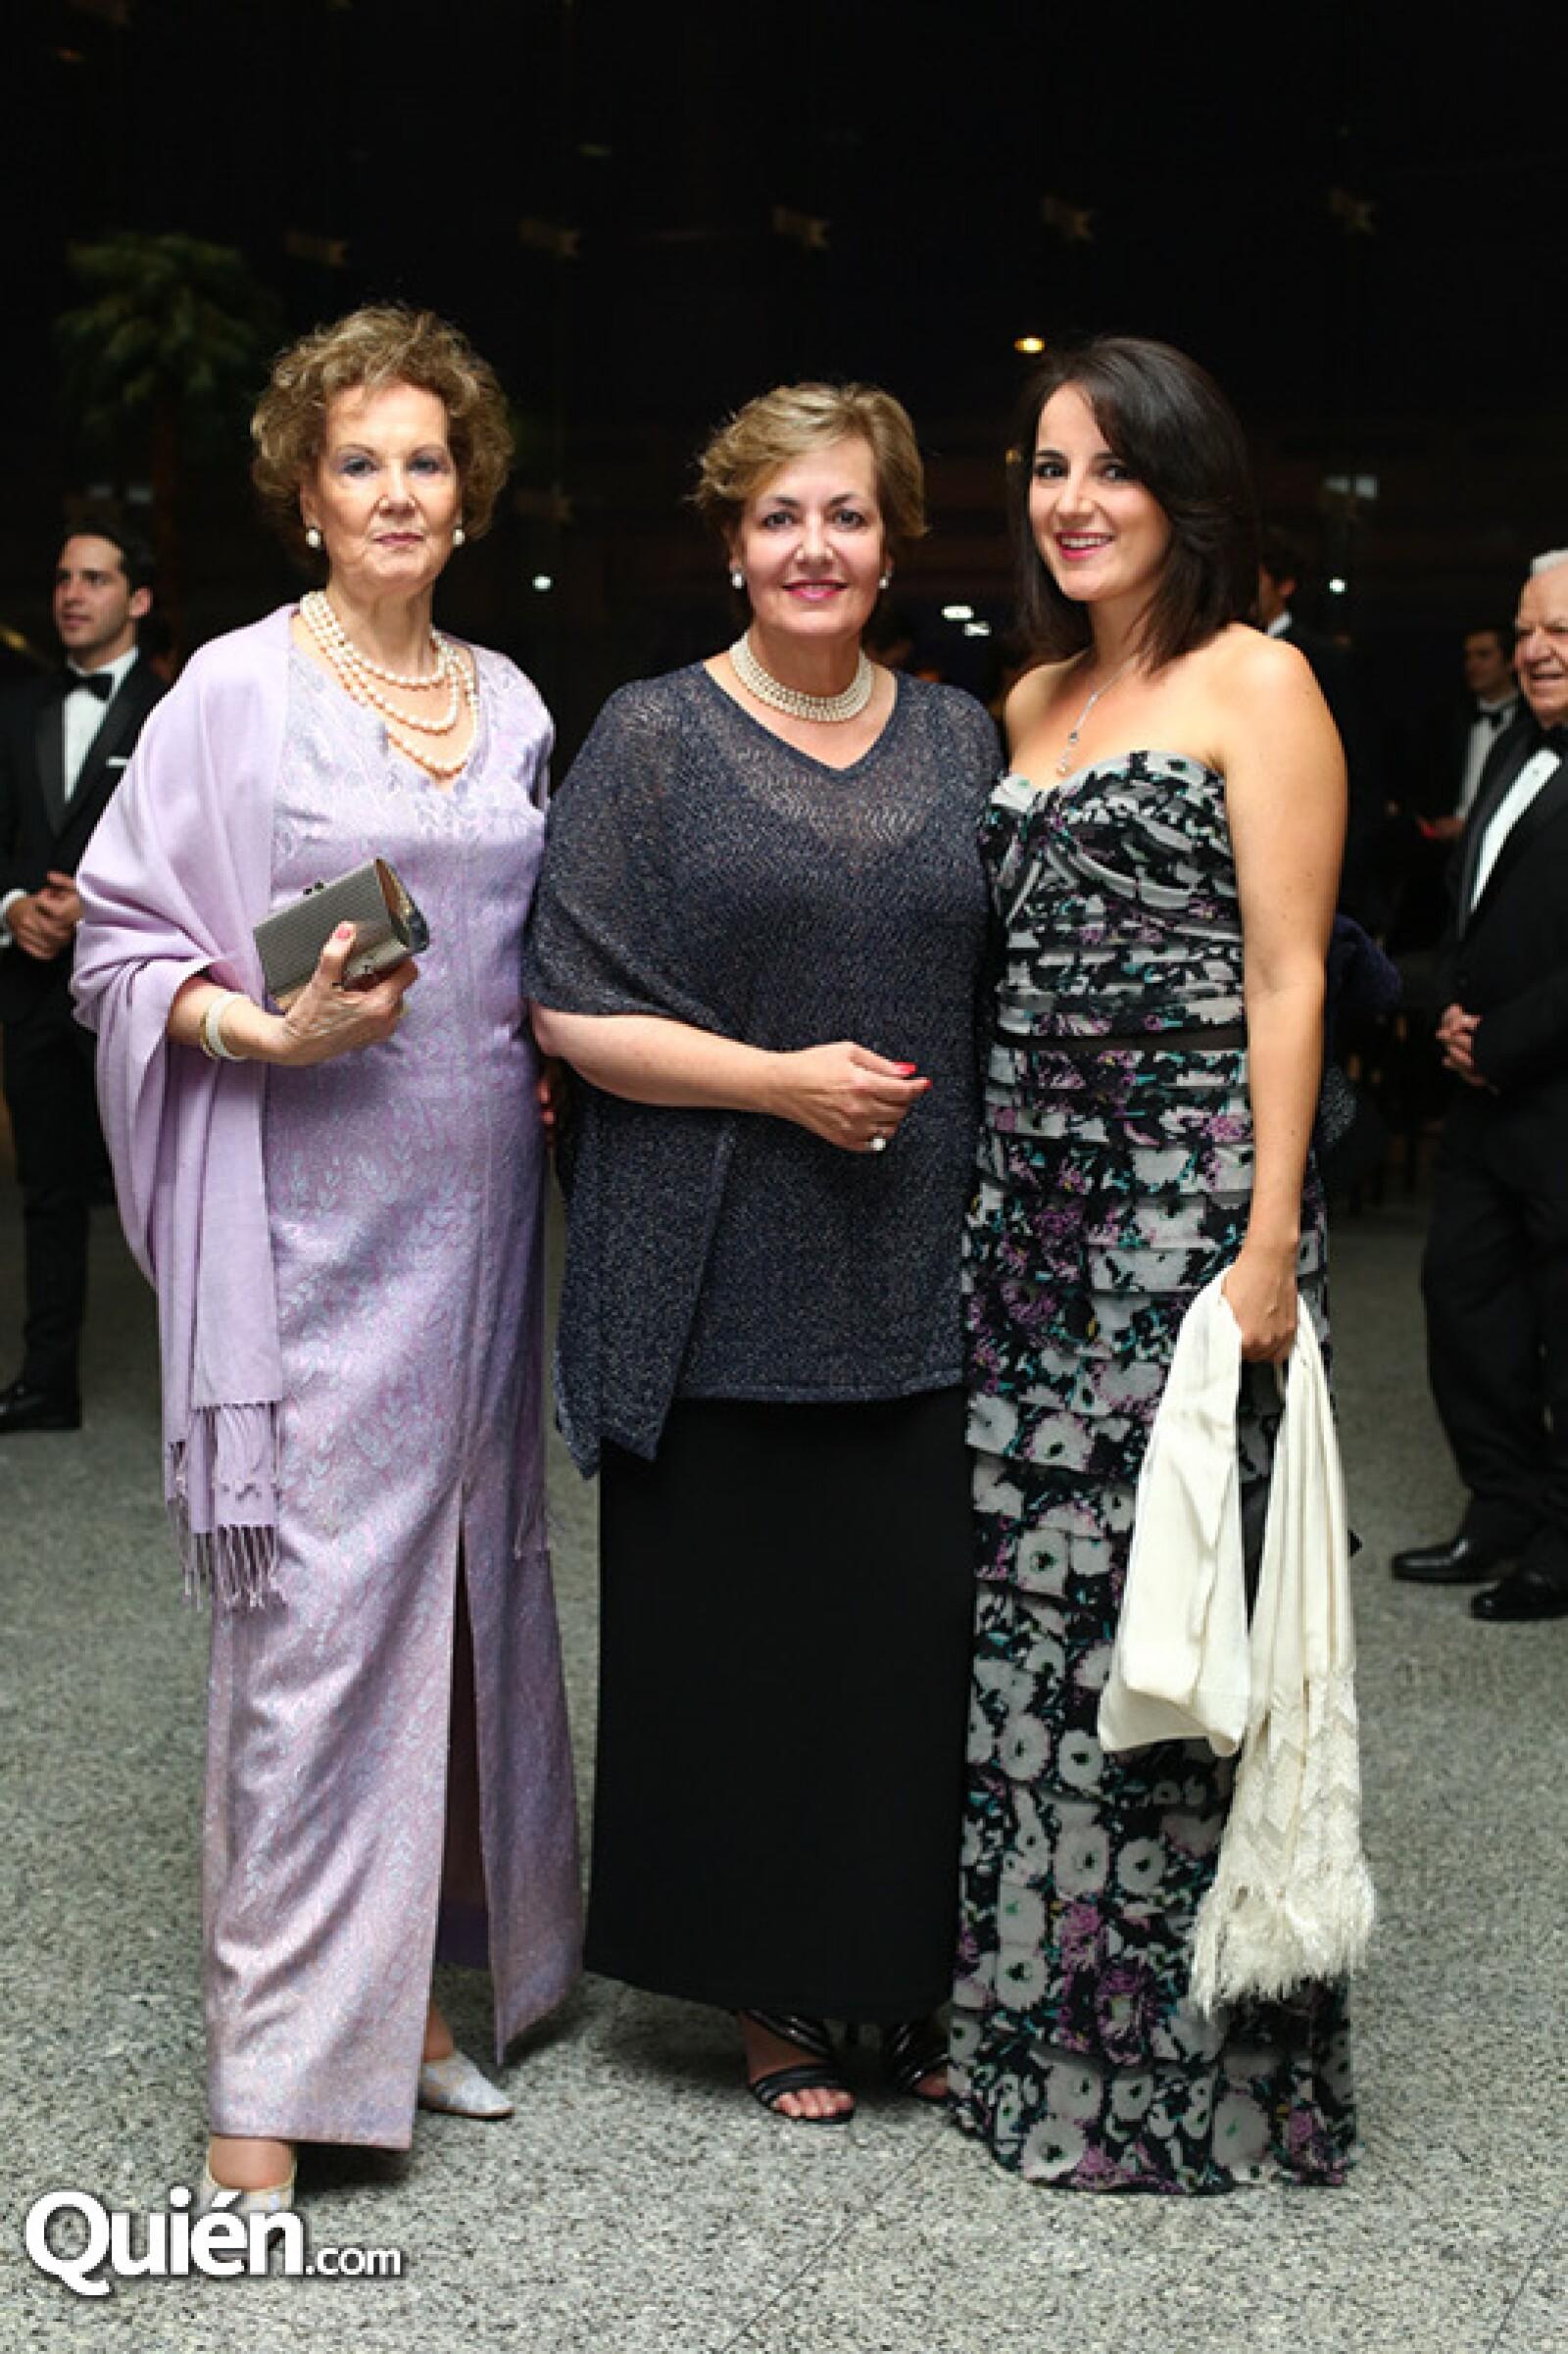 Amparo Vega, Irma Gutiñerrez y Rosa María Gaya